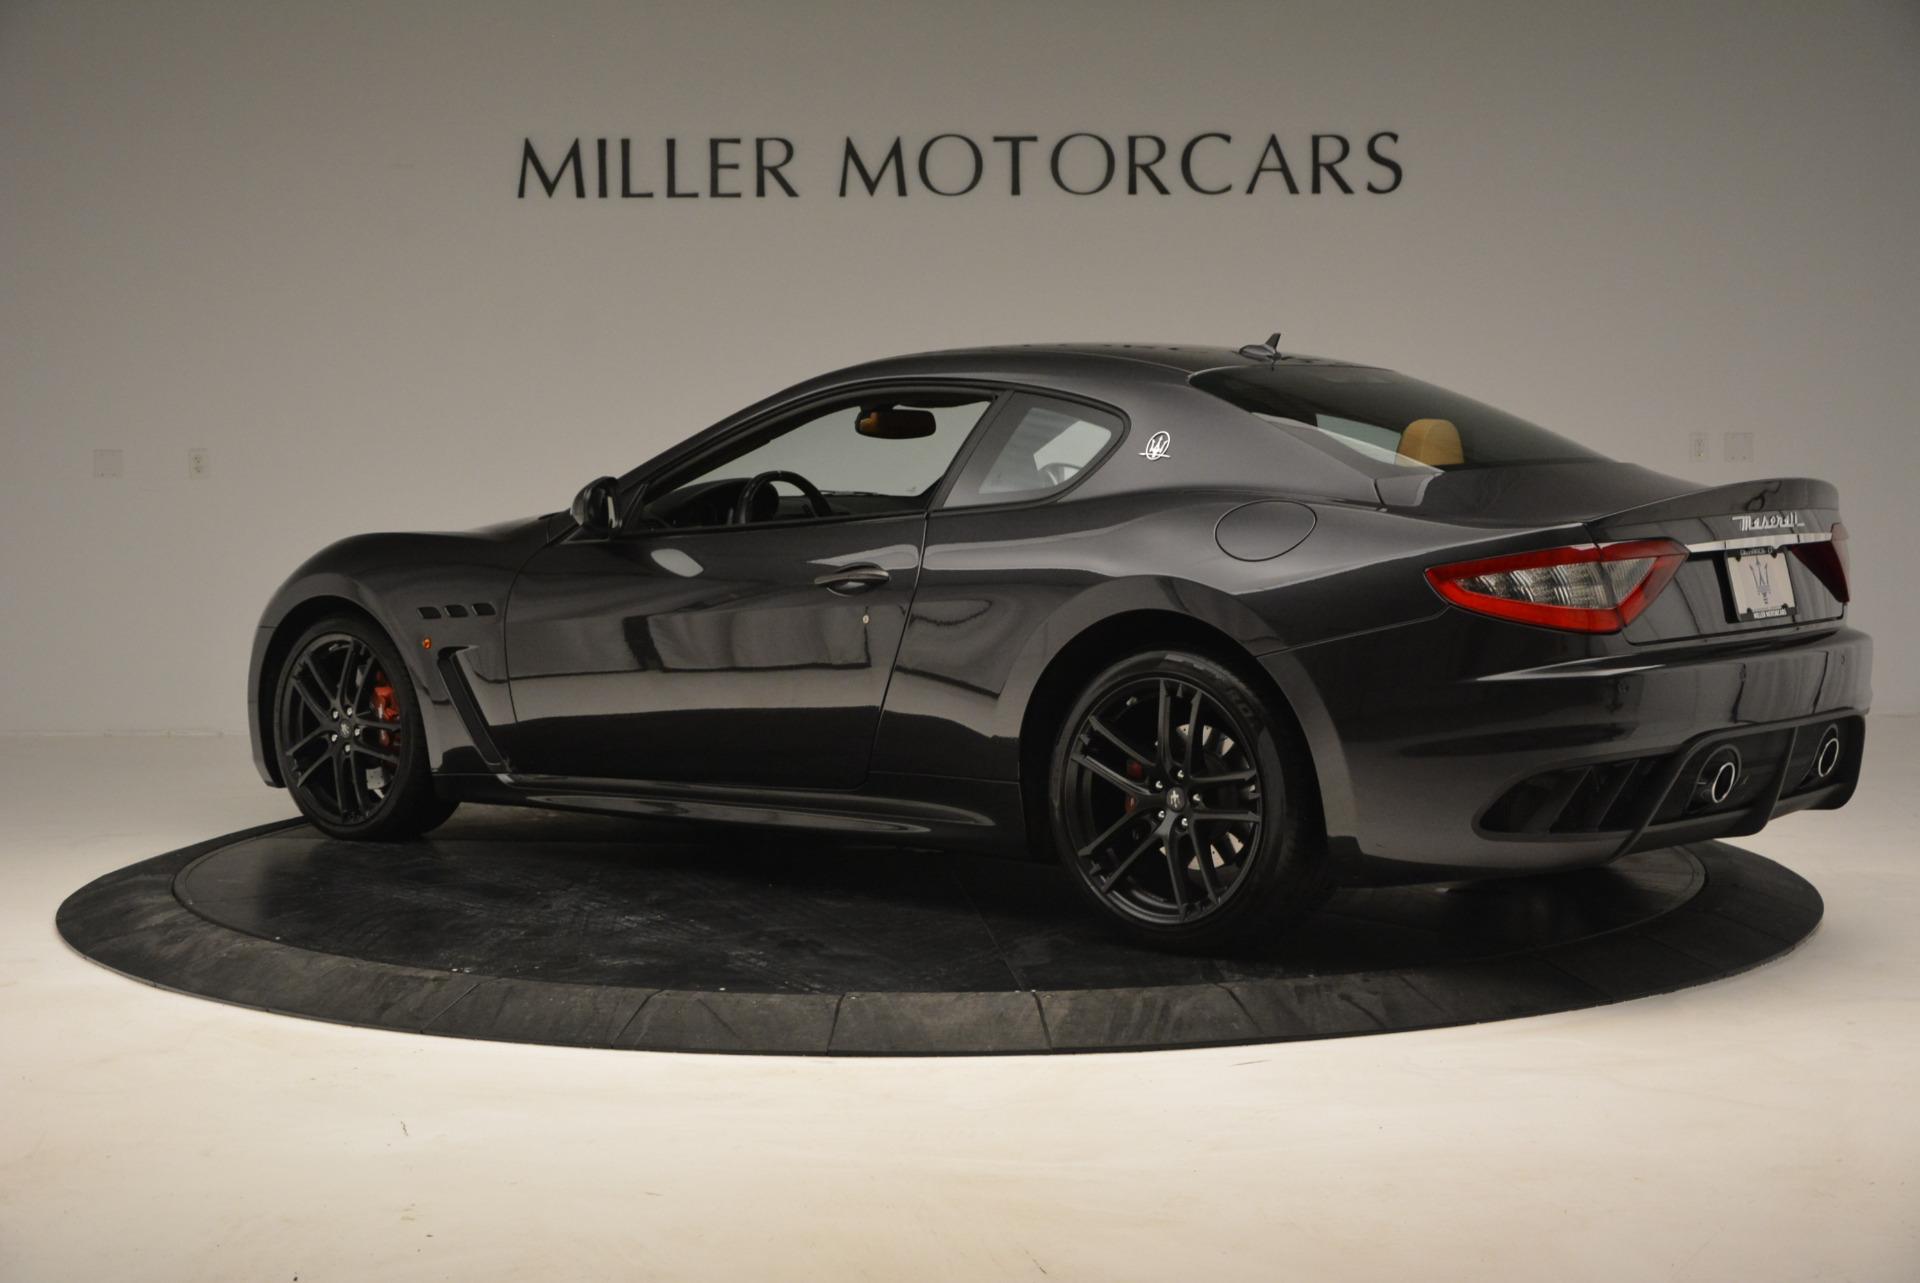 Used 2013 Maserati GranTurismo MC For Sale In Greenwich, CT. Alfa Romeo of Greenwich, 7127 773_p4